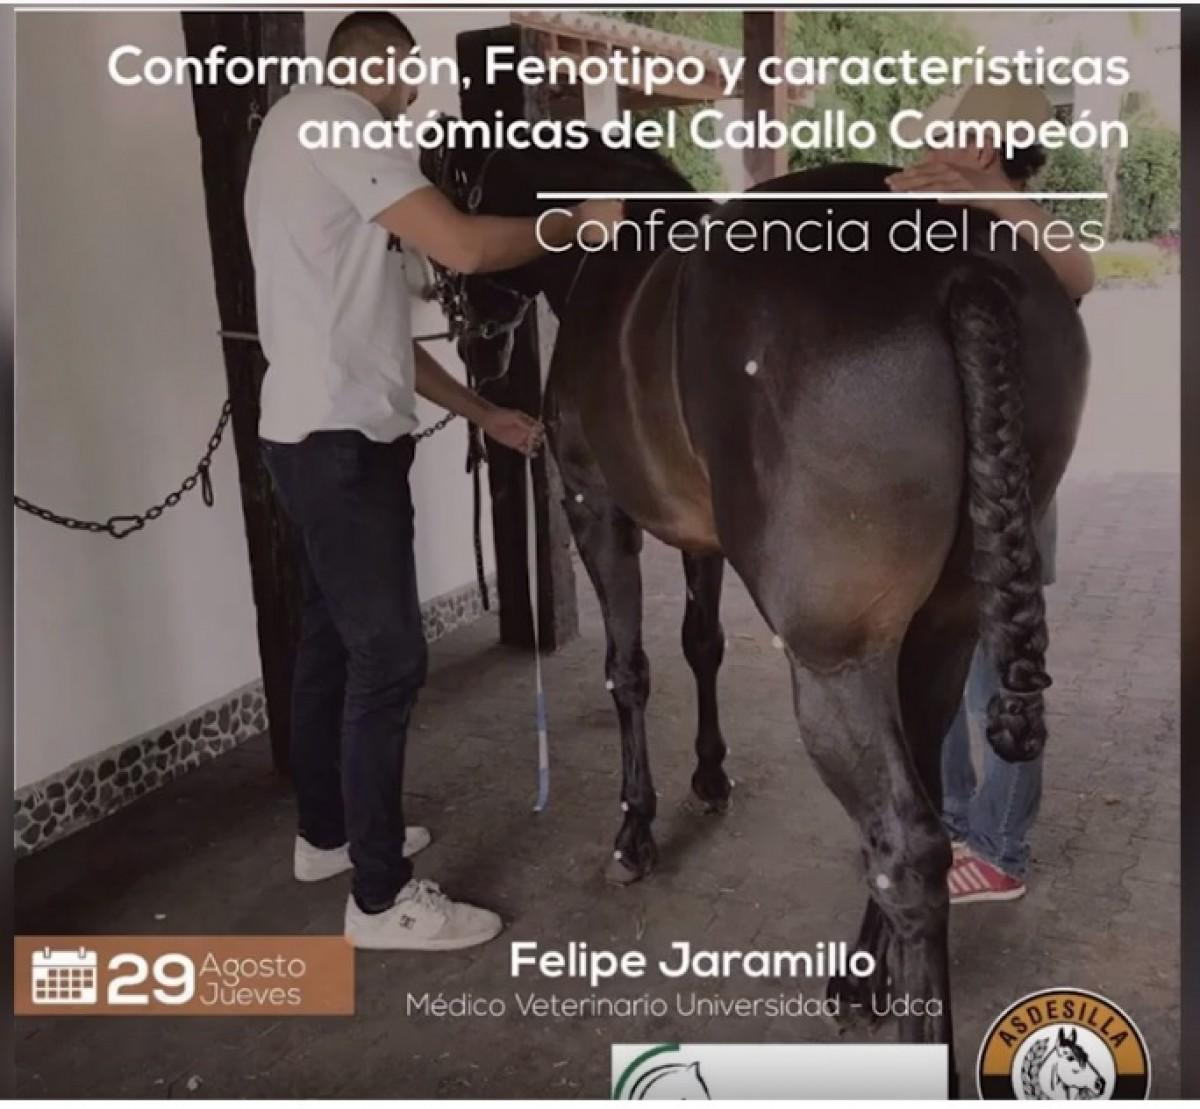 Vídeo: Conformación ,fenotipo y características anatómicas del caballo campeón